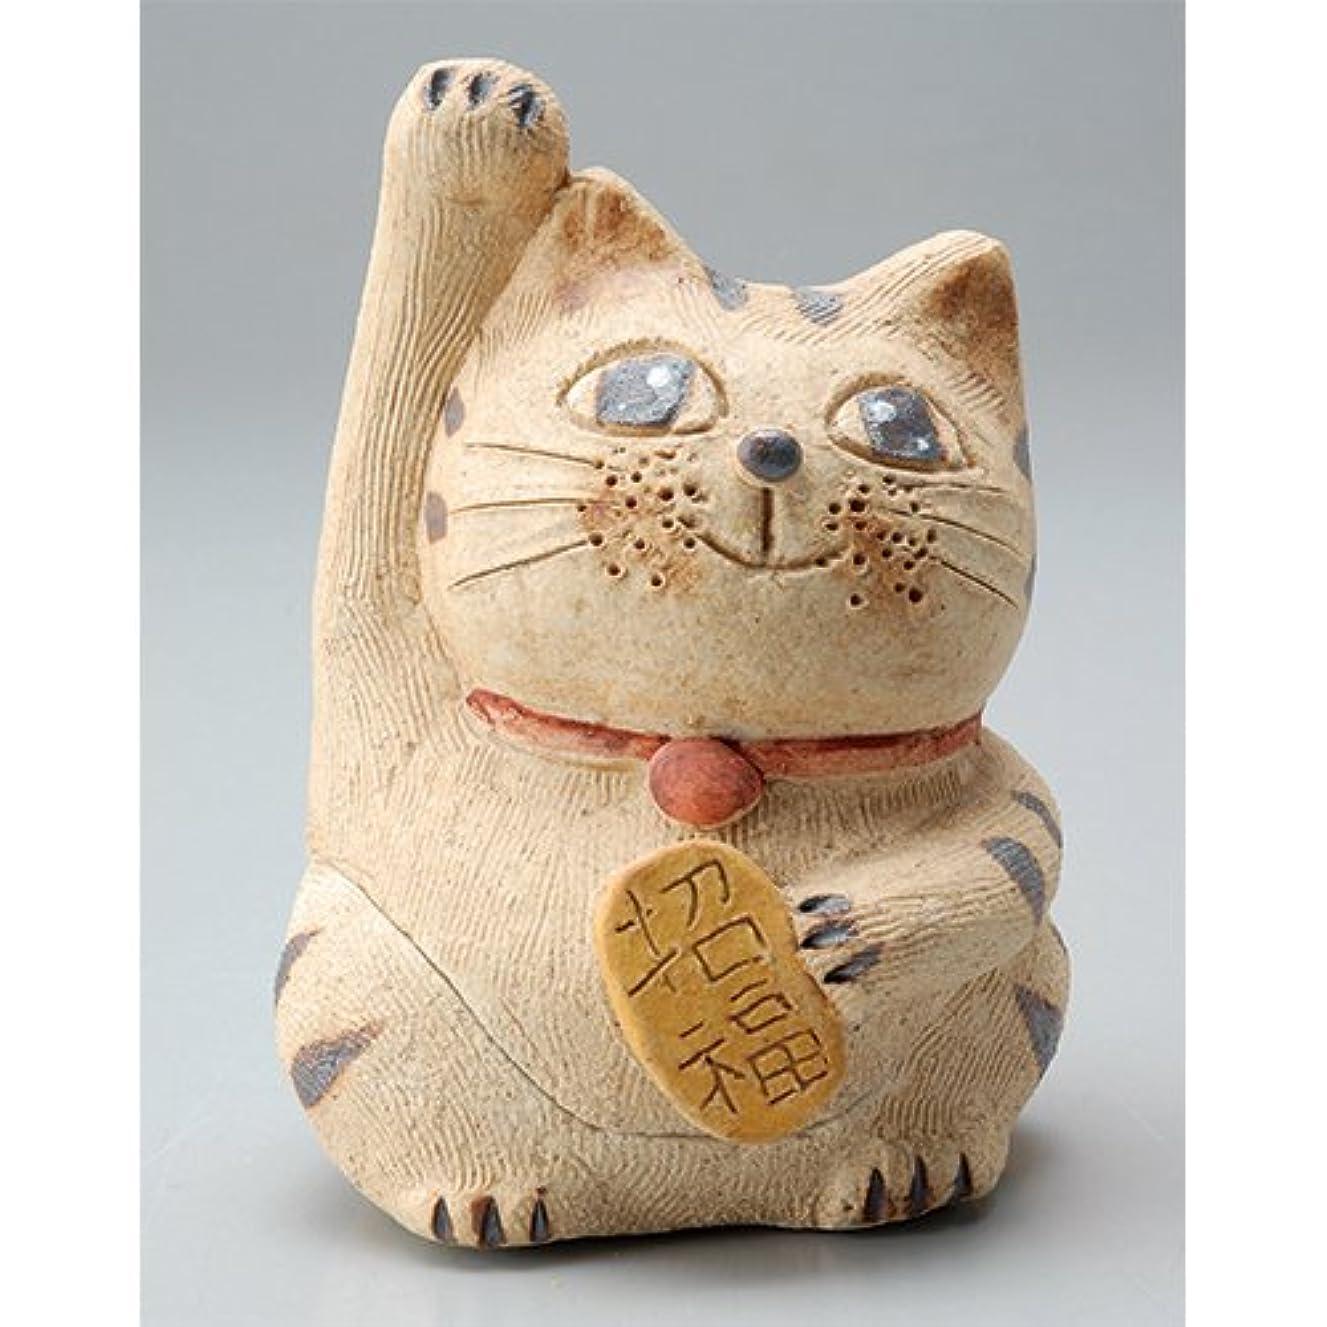 過剰関与する見積り香炉 円な瞳招き猫(お金招き)香炉(小) [H8.5cm] HANDMADE プレゼント ギフト 和食器 かわいい インテリア